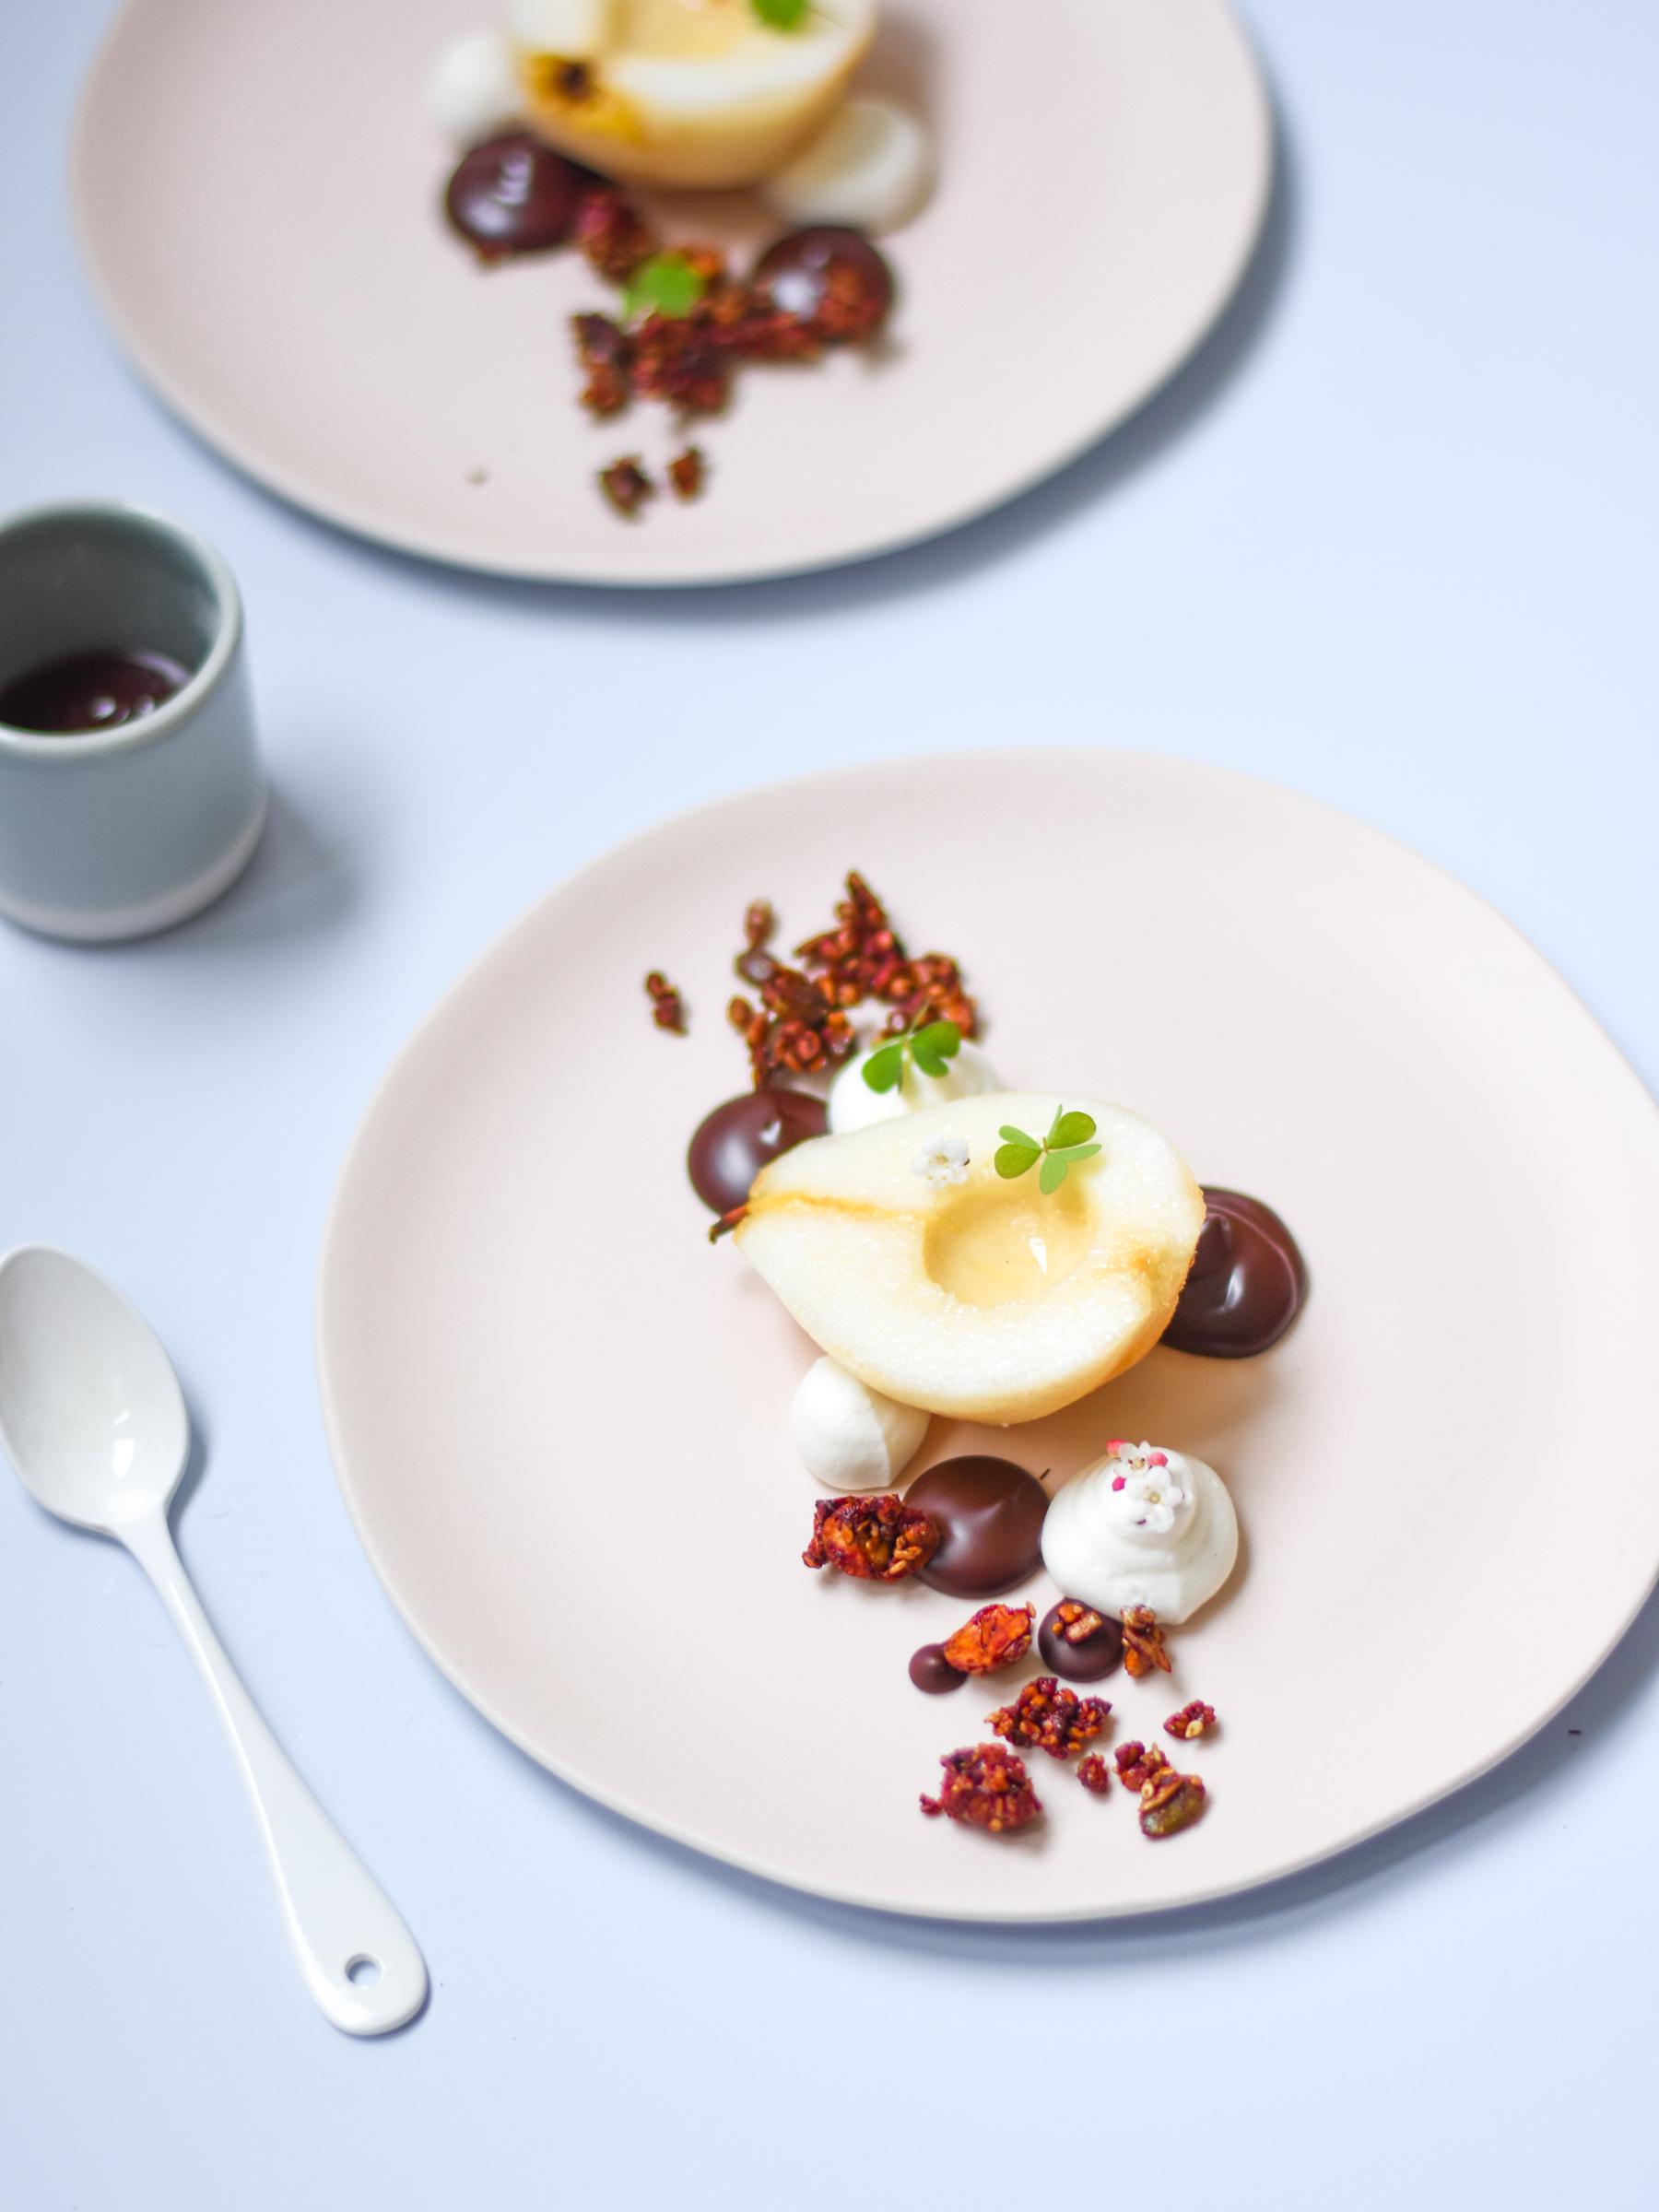 poire chocolat dessert l 39 assiette croquant fondant et cr meux leaf. Black Bedroom Furniture Sets. Home Design Ideas